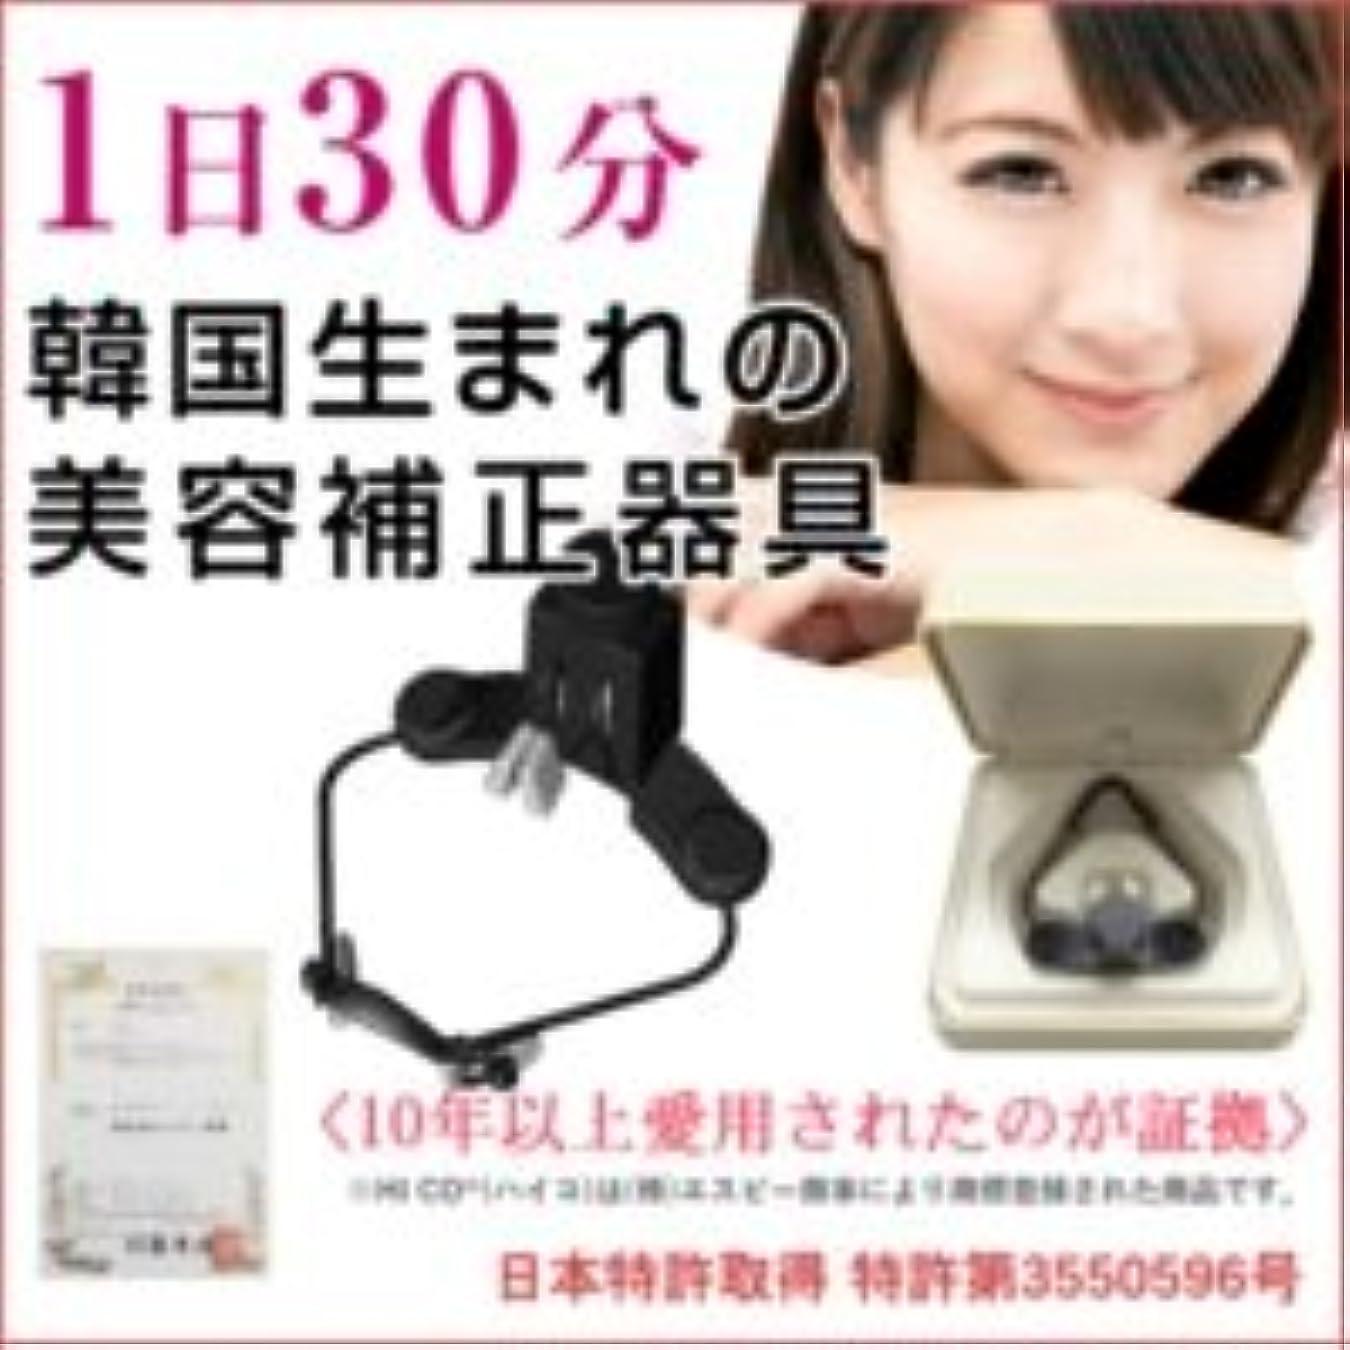 に応じて有益苗ハイコ (HICO) 美鼻補整器具